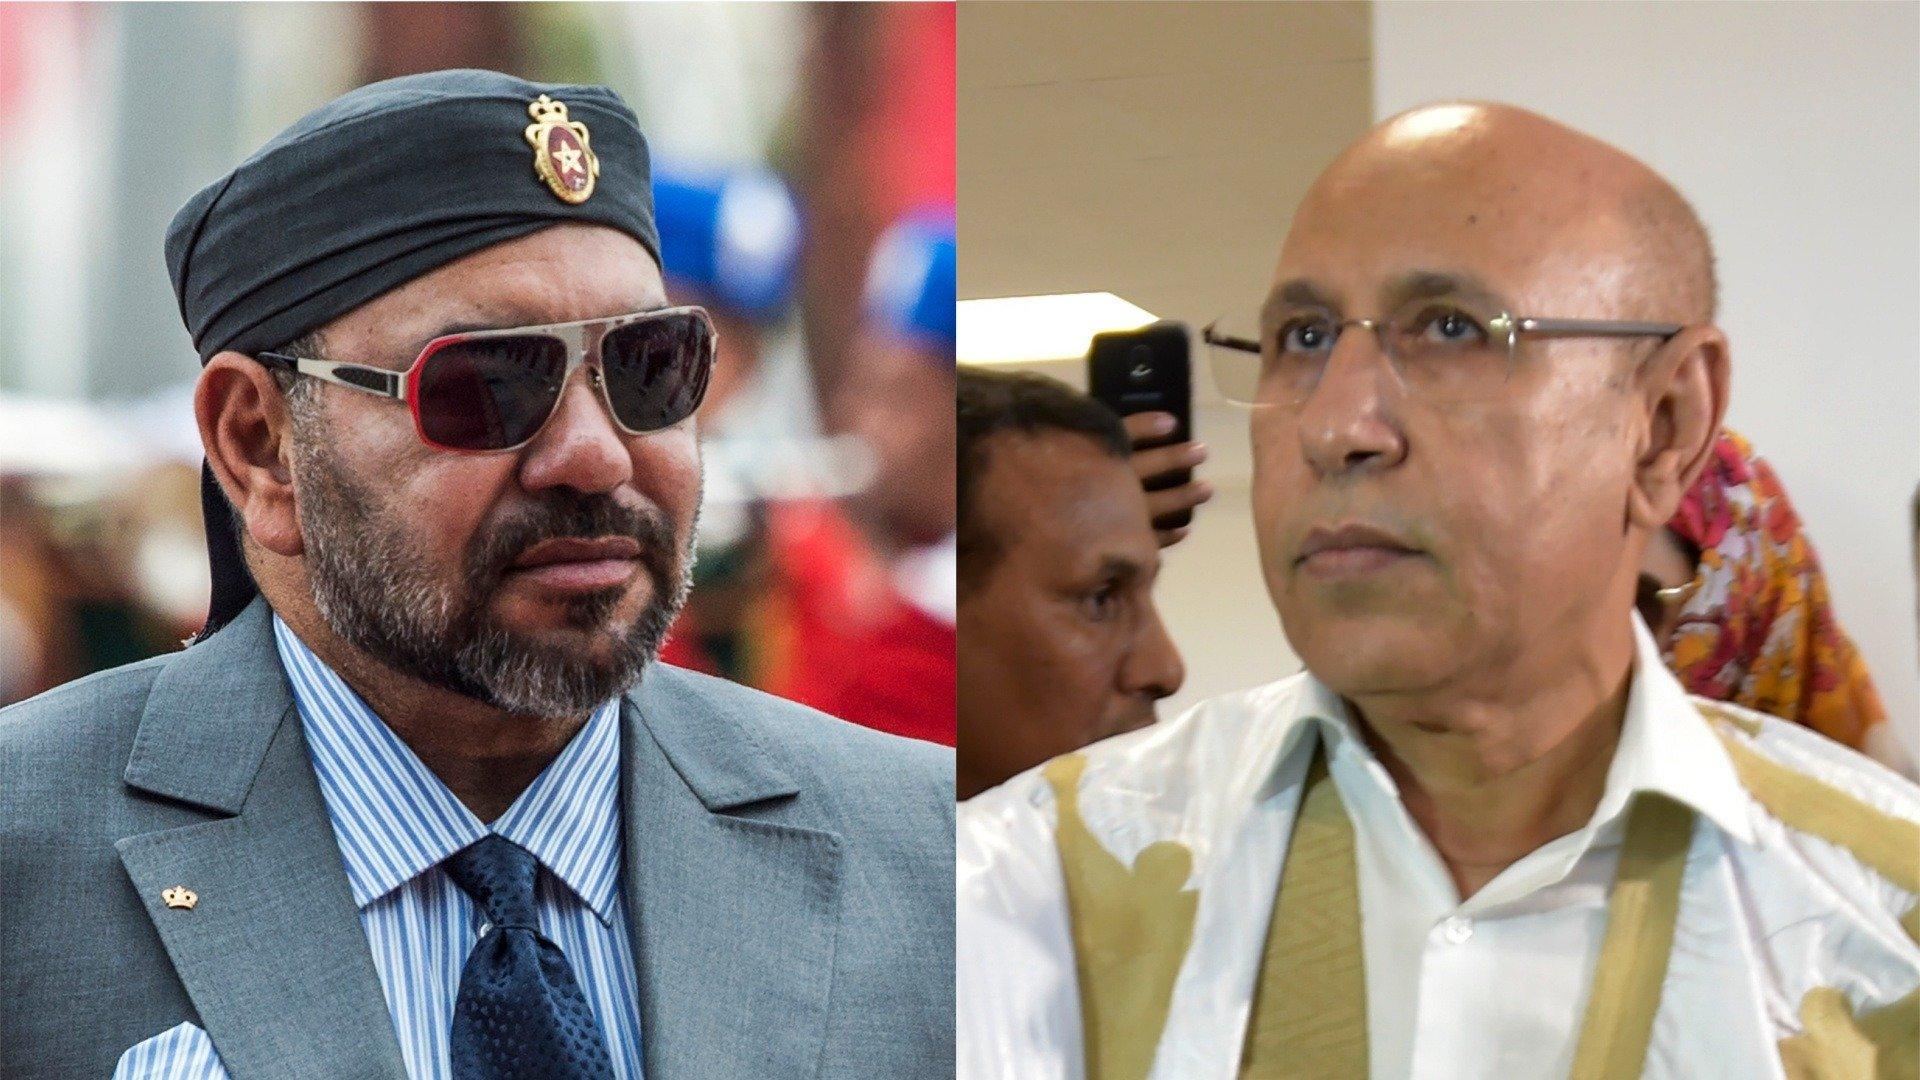 الملك محمد السادس يجري اتصالا هاتفيا مع الرئيس الموريتاني